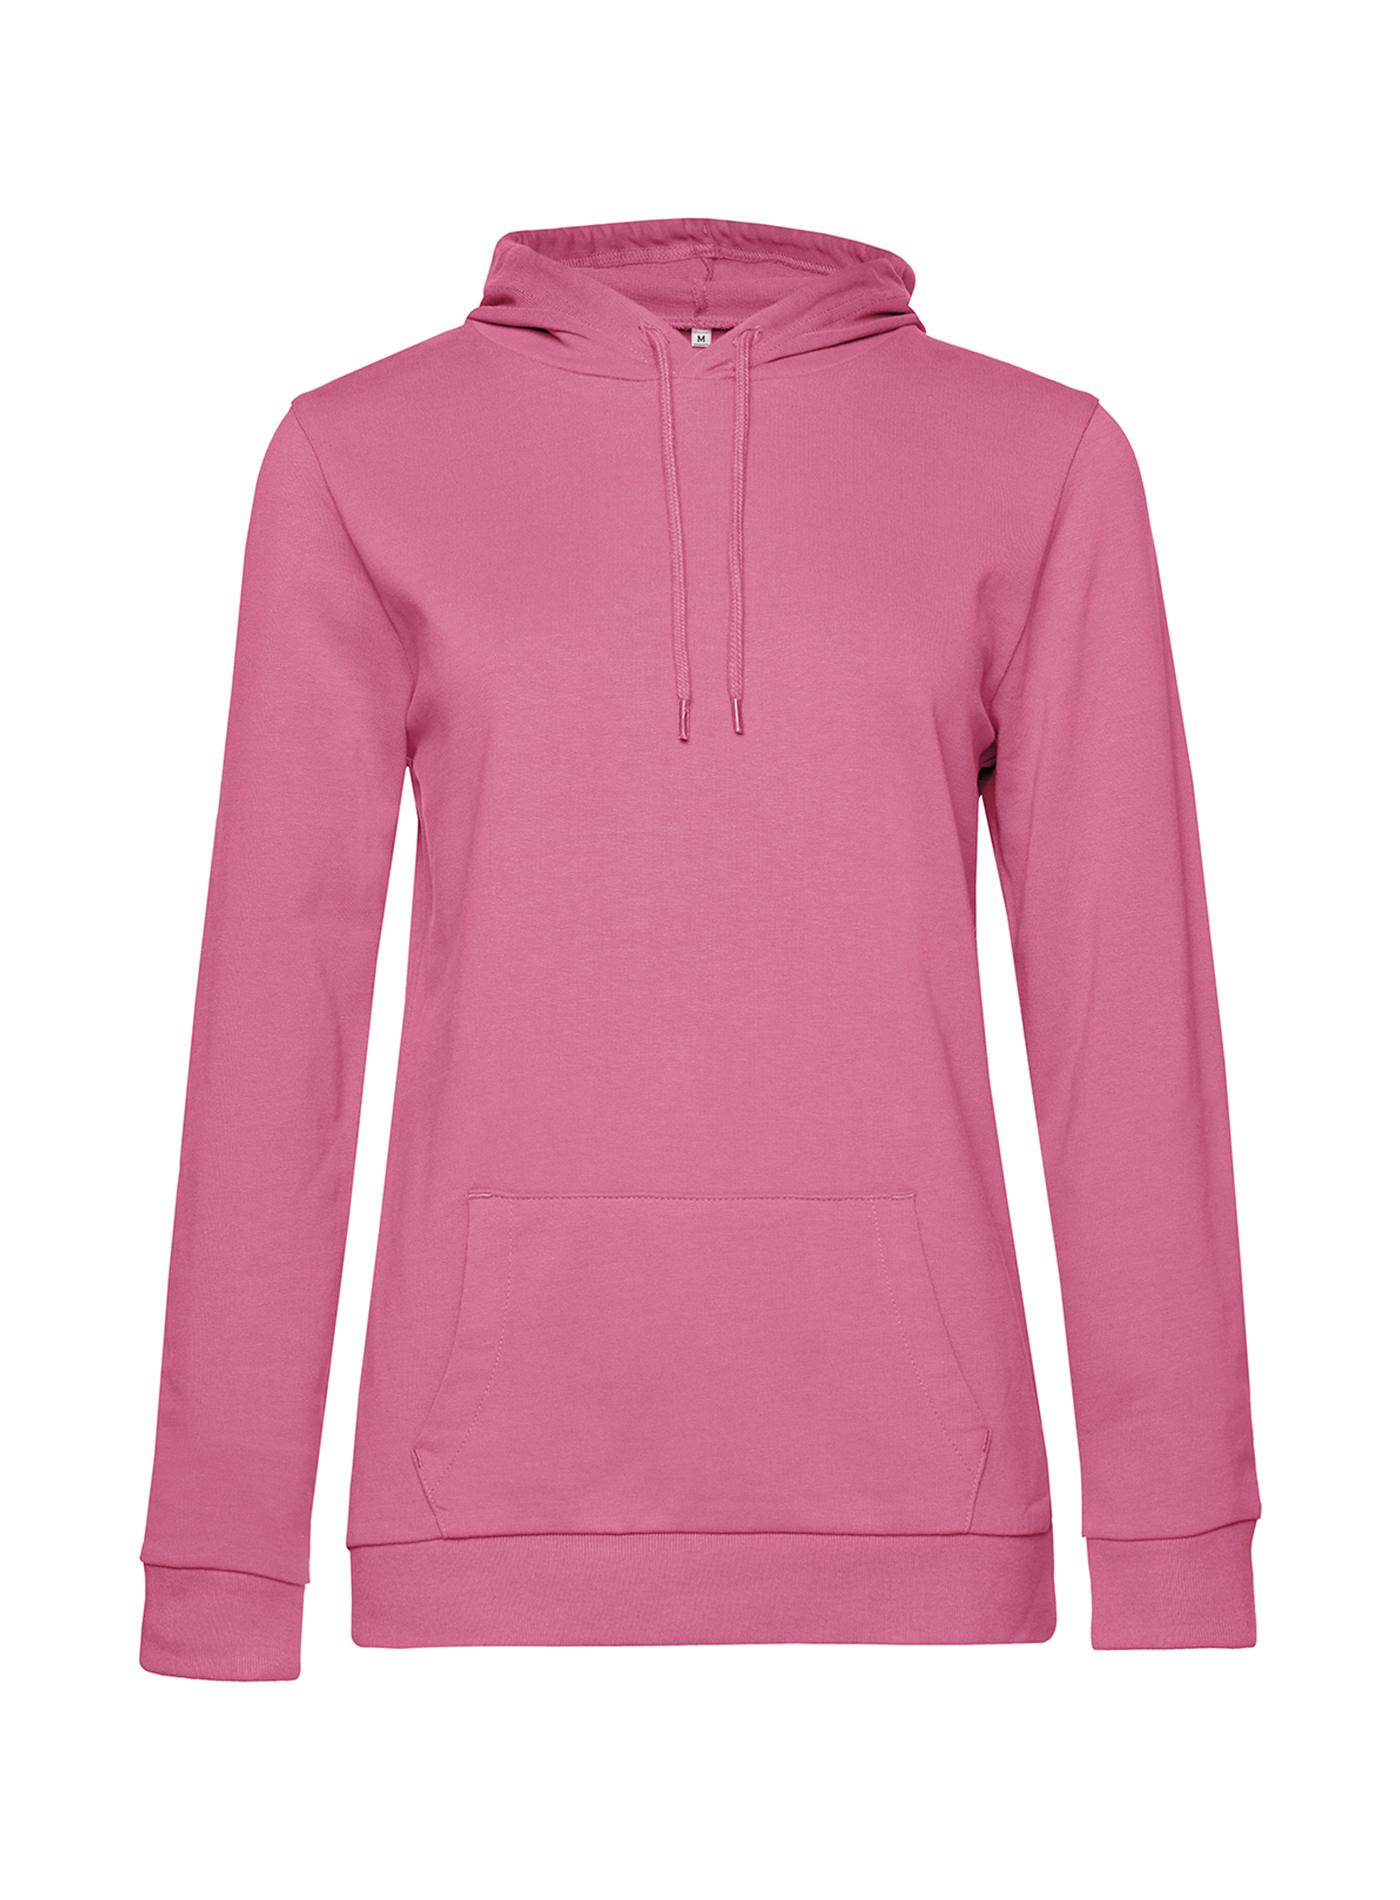 Dámská mikina Terry - Růžová M